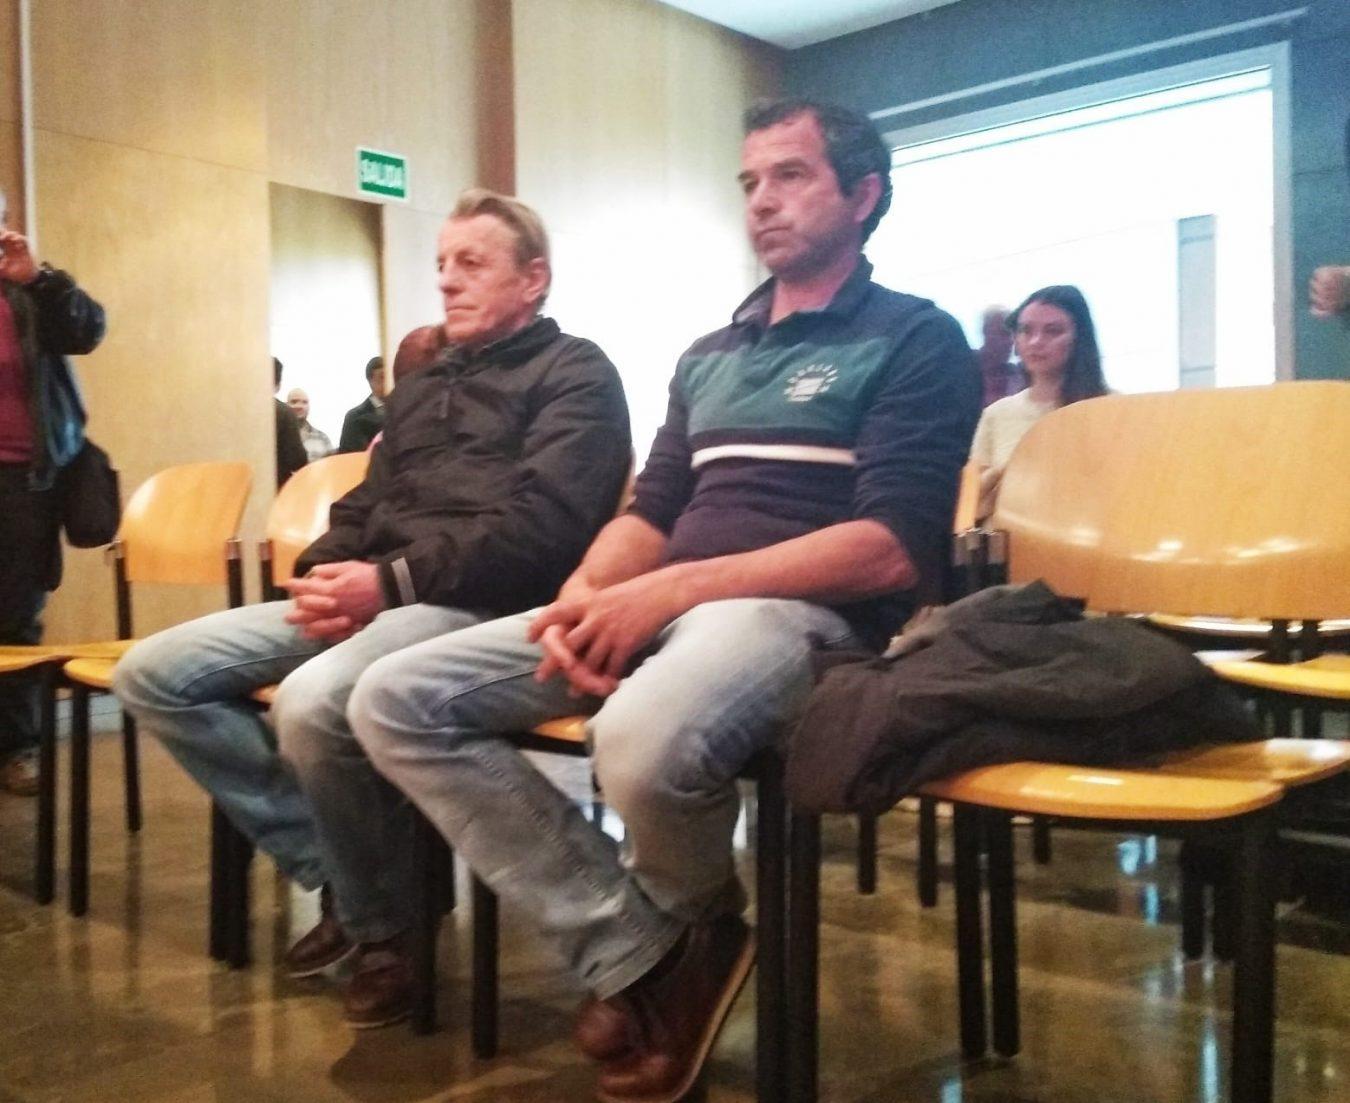 Los acusados del incendio de Parres se declaran inocentes y perjudicados